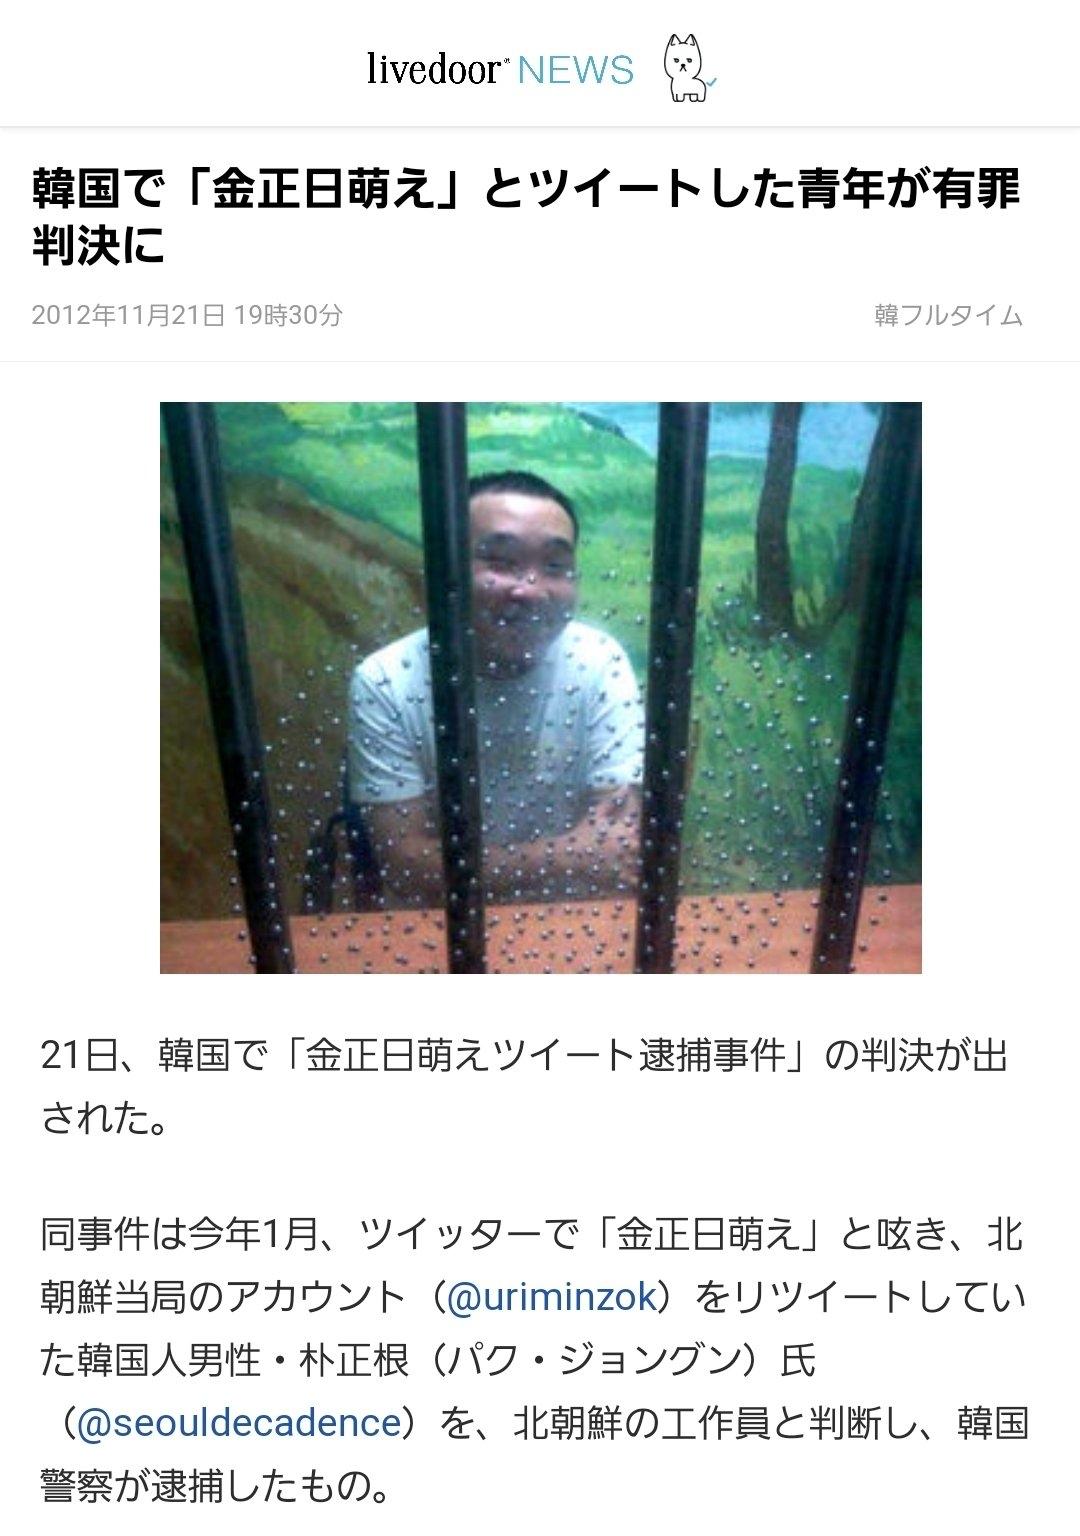 【画像】「金正日萌え」とTwitterで呟いた韓国兄さん、北朝鮮の工作員だと判断され逮捕WIWIWIWIW